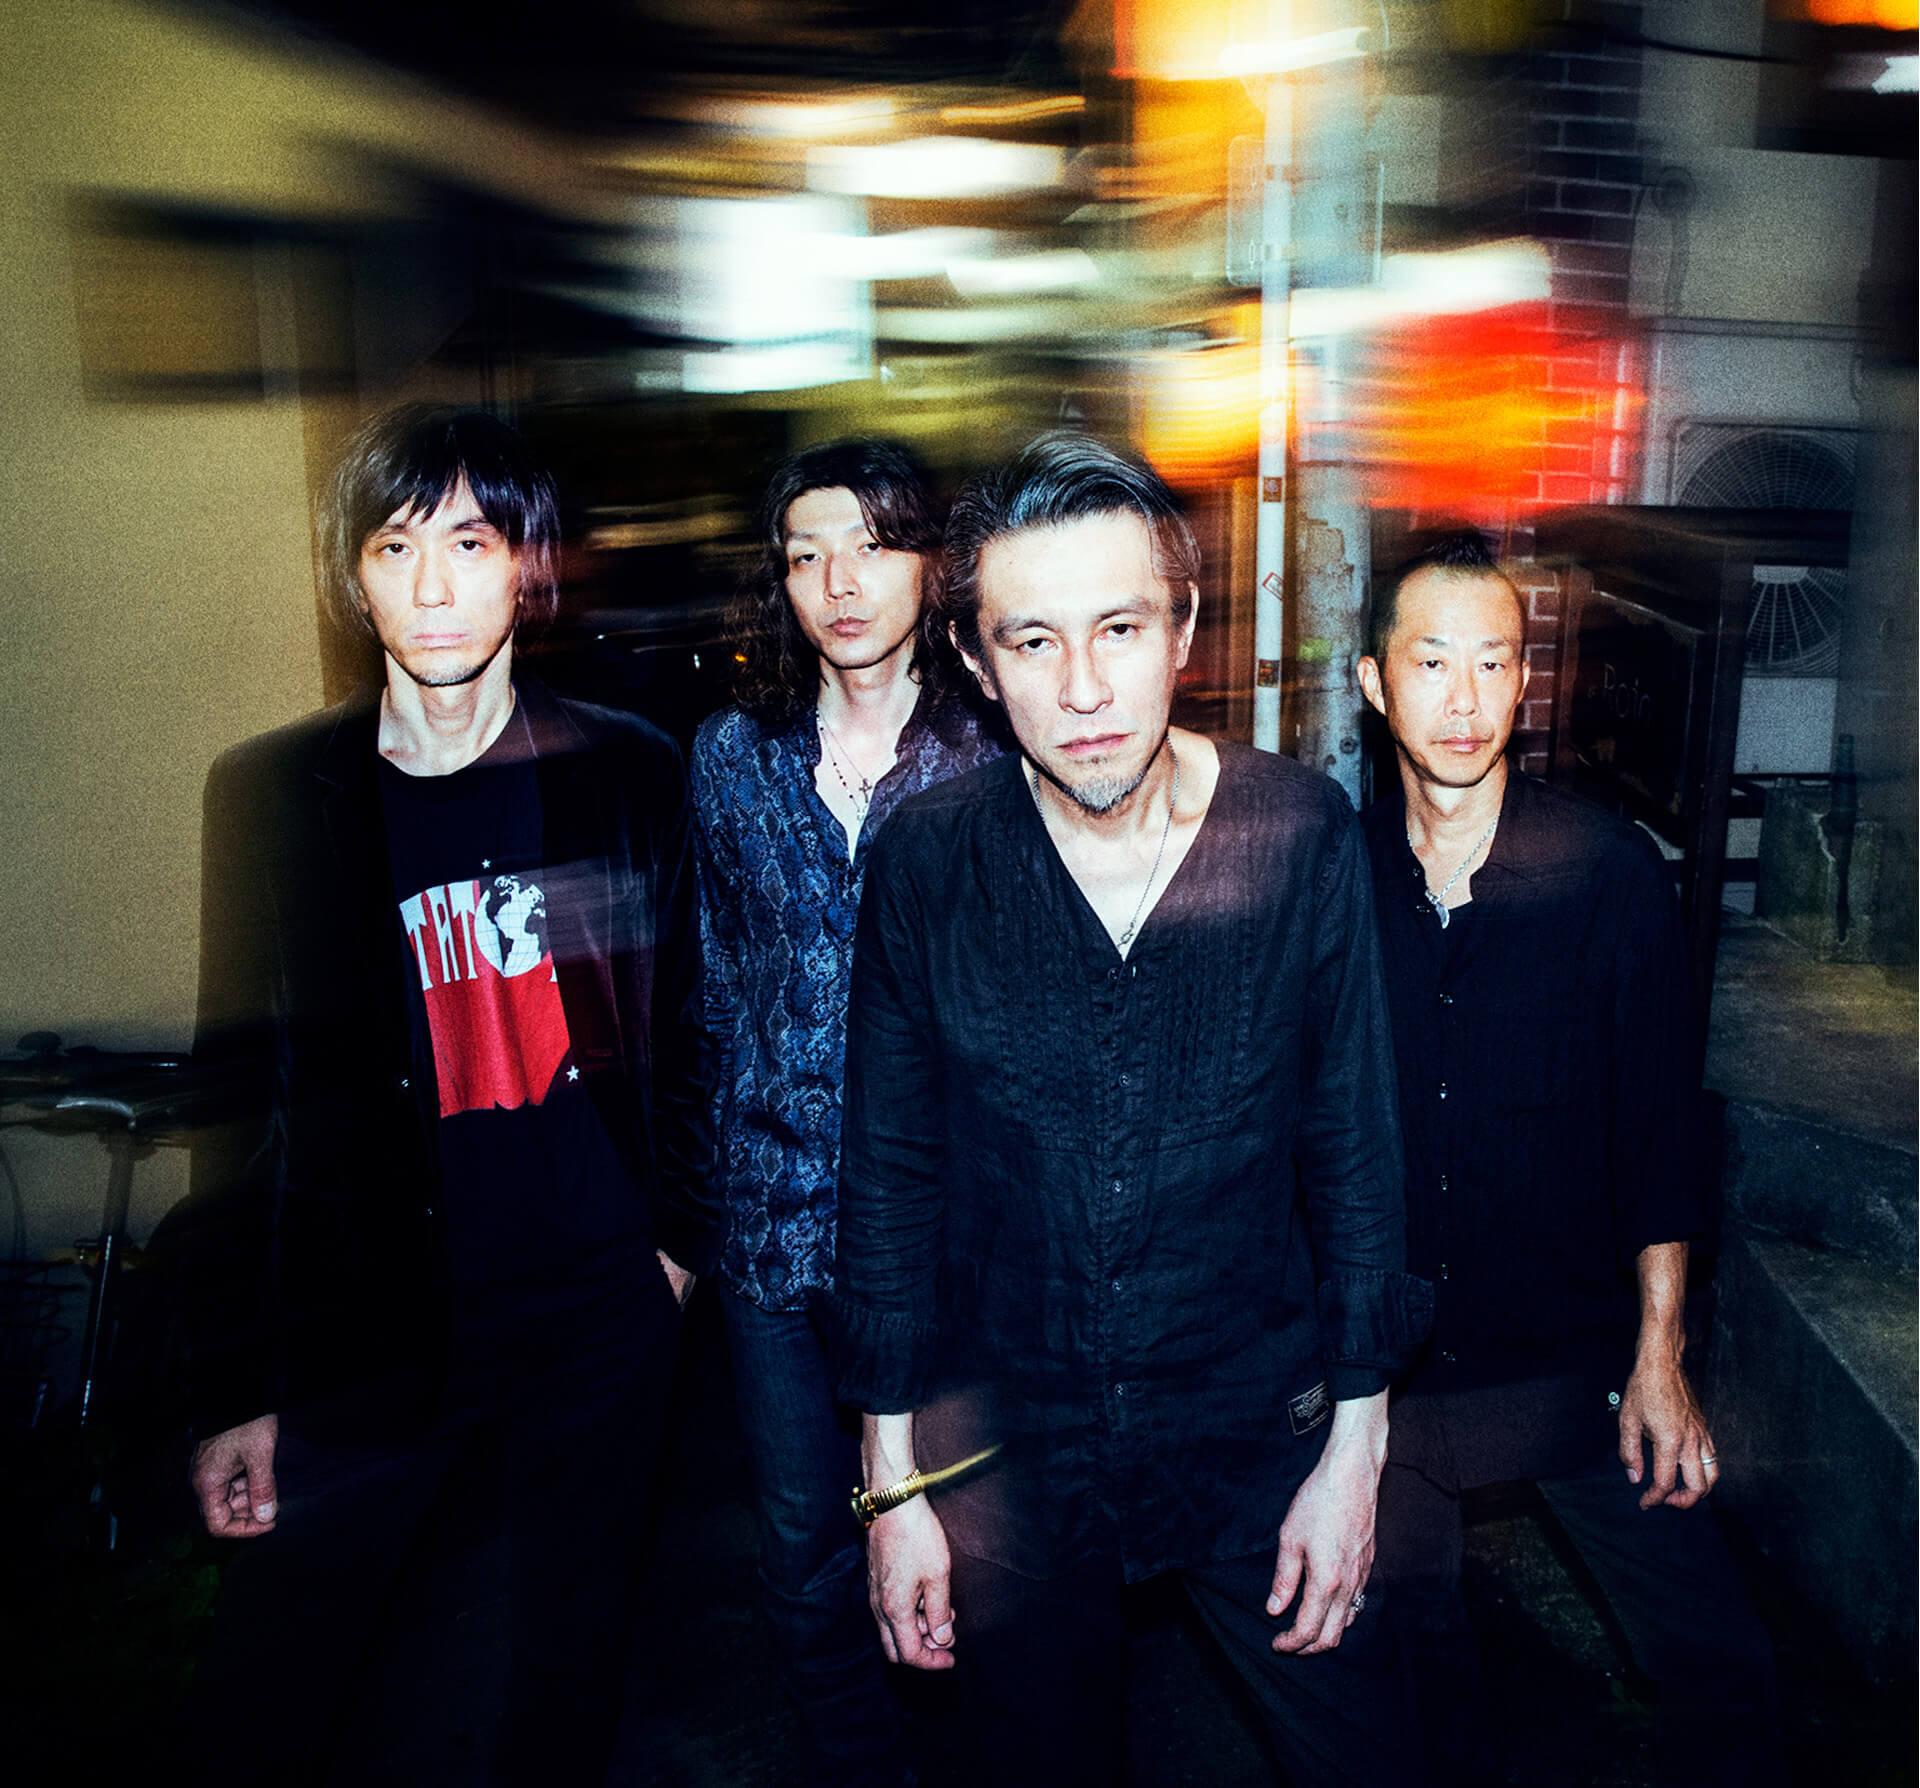 今年の年末もキープ・オン・フジロック!大晦日にオールナイトイベント開催でPUNPEE、cero、GEZAN、折坂悠太、THE ALEXXらが登場 music201120_keeponfujirock_8